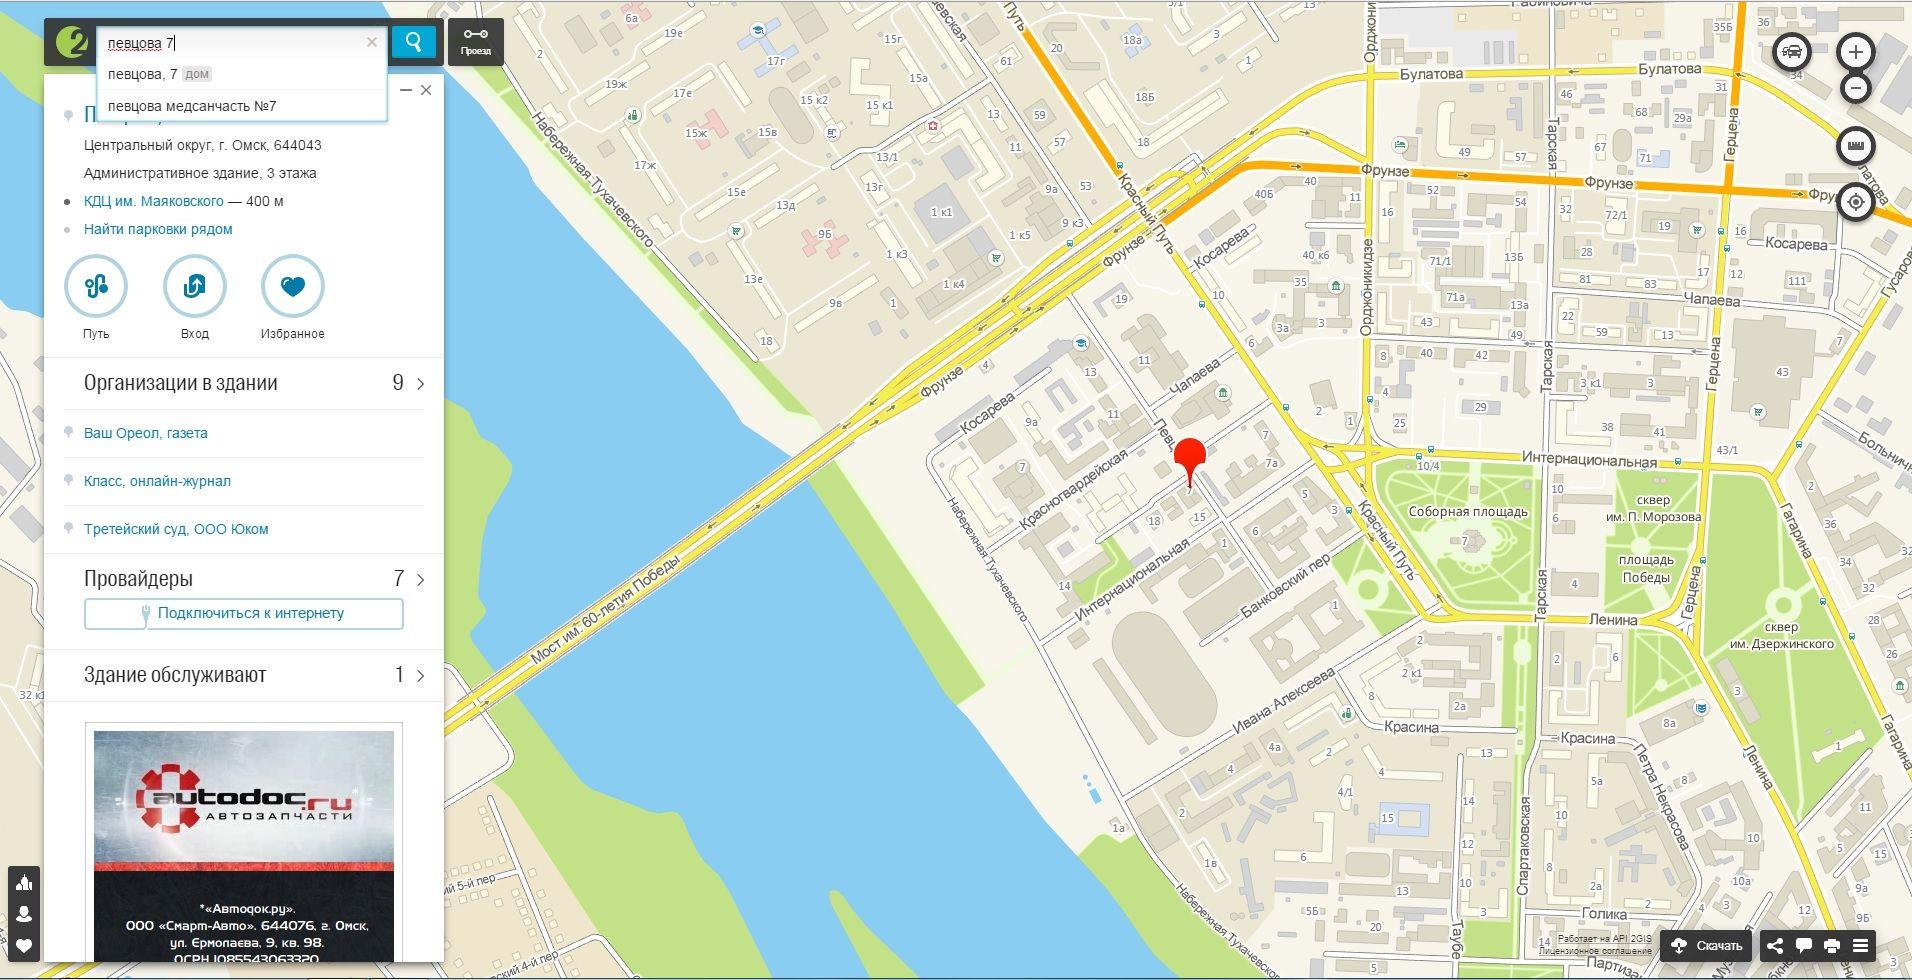 гугл карты онлайн со спутника в реальном времени построить маршрут взять кредит гражданину армении